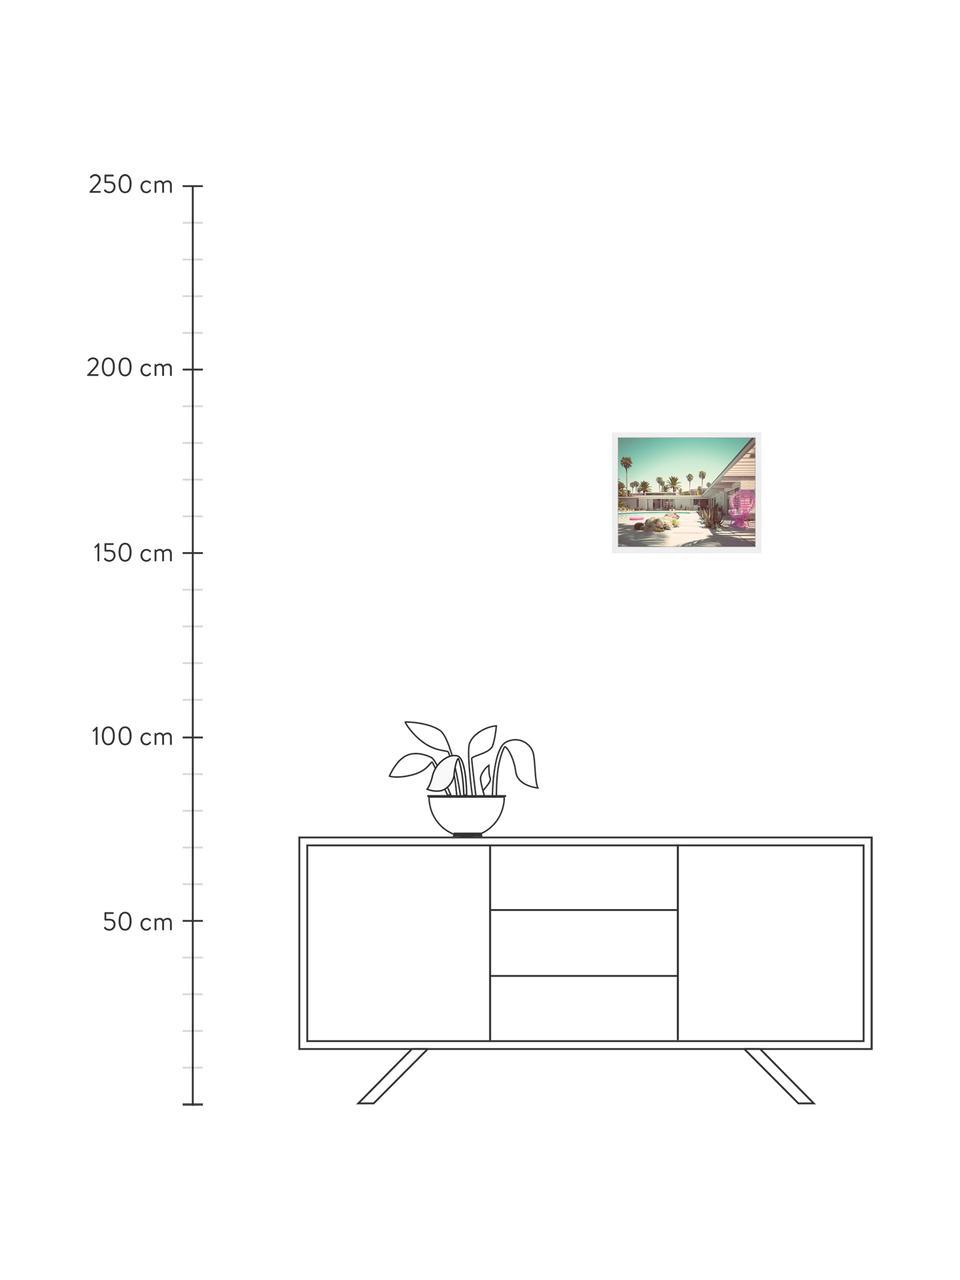 Gerahmter Digitaldruck Pink Vacation, Bild: Digitaldruck auf Papier, , Rahmen: Holz, lackiert, Front: Plexiglas, Mehrfarbig, 53 x 43 cm